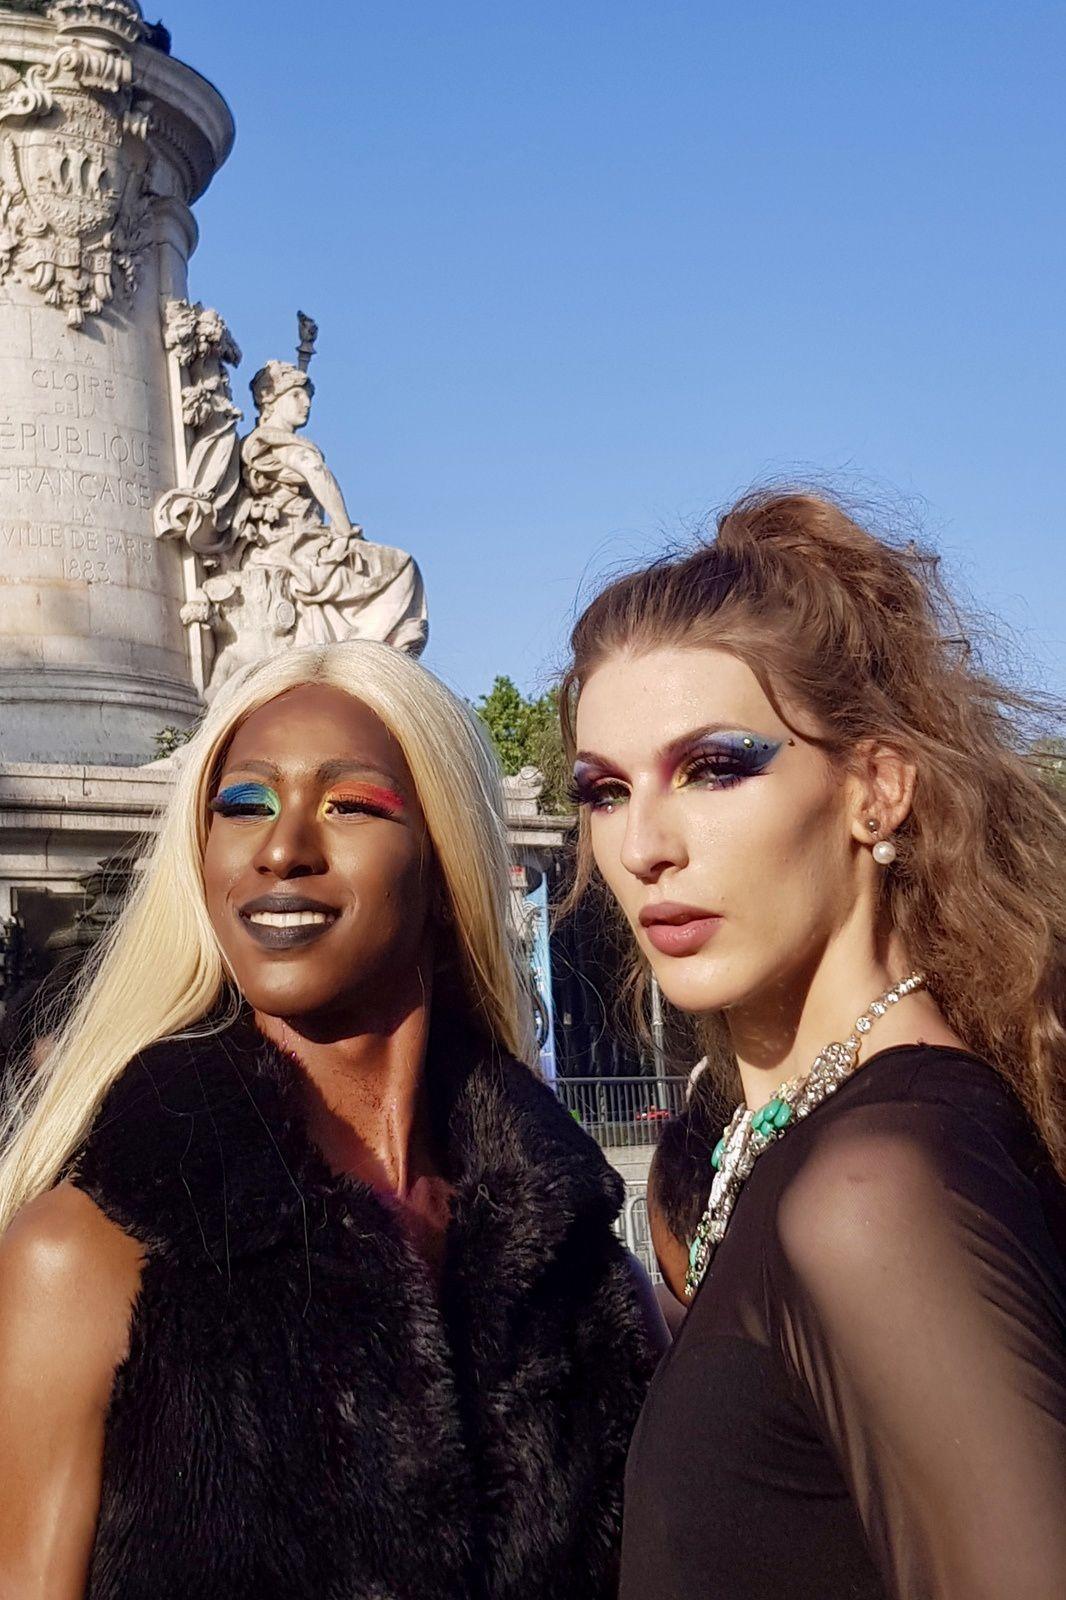 Gay-Pride 2019